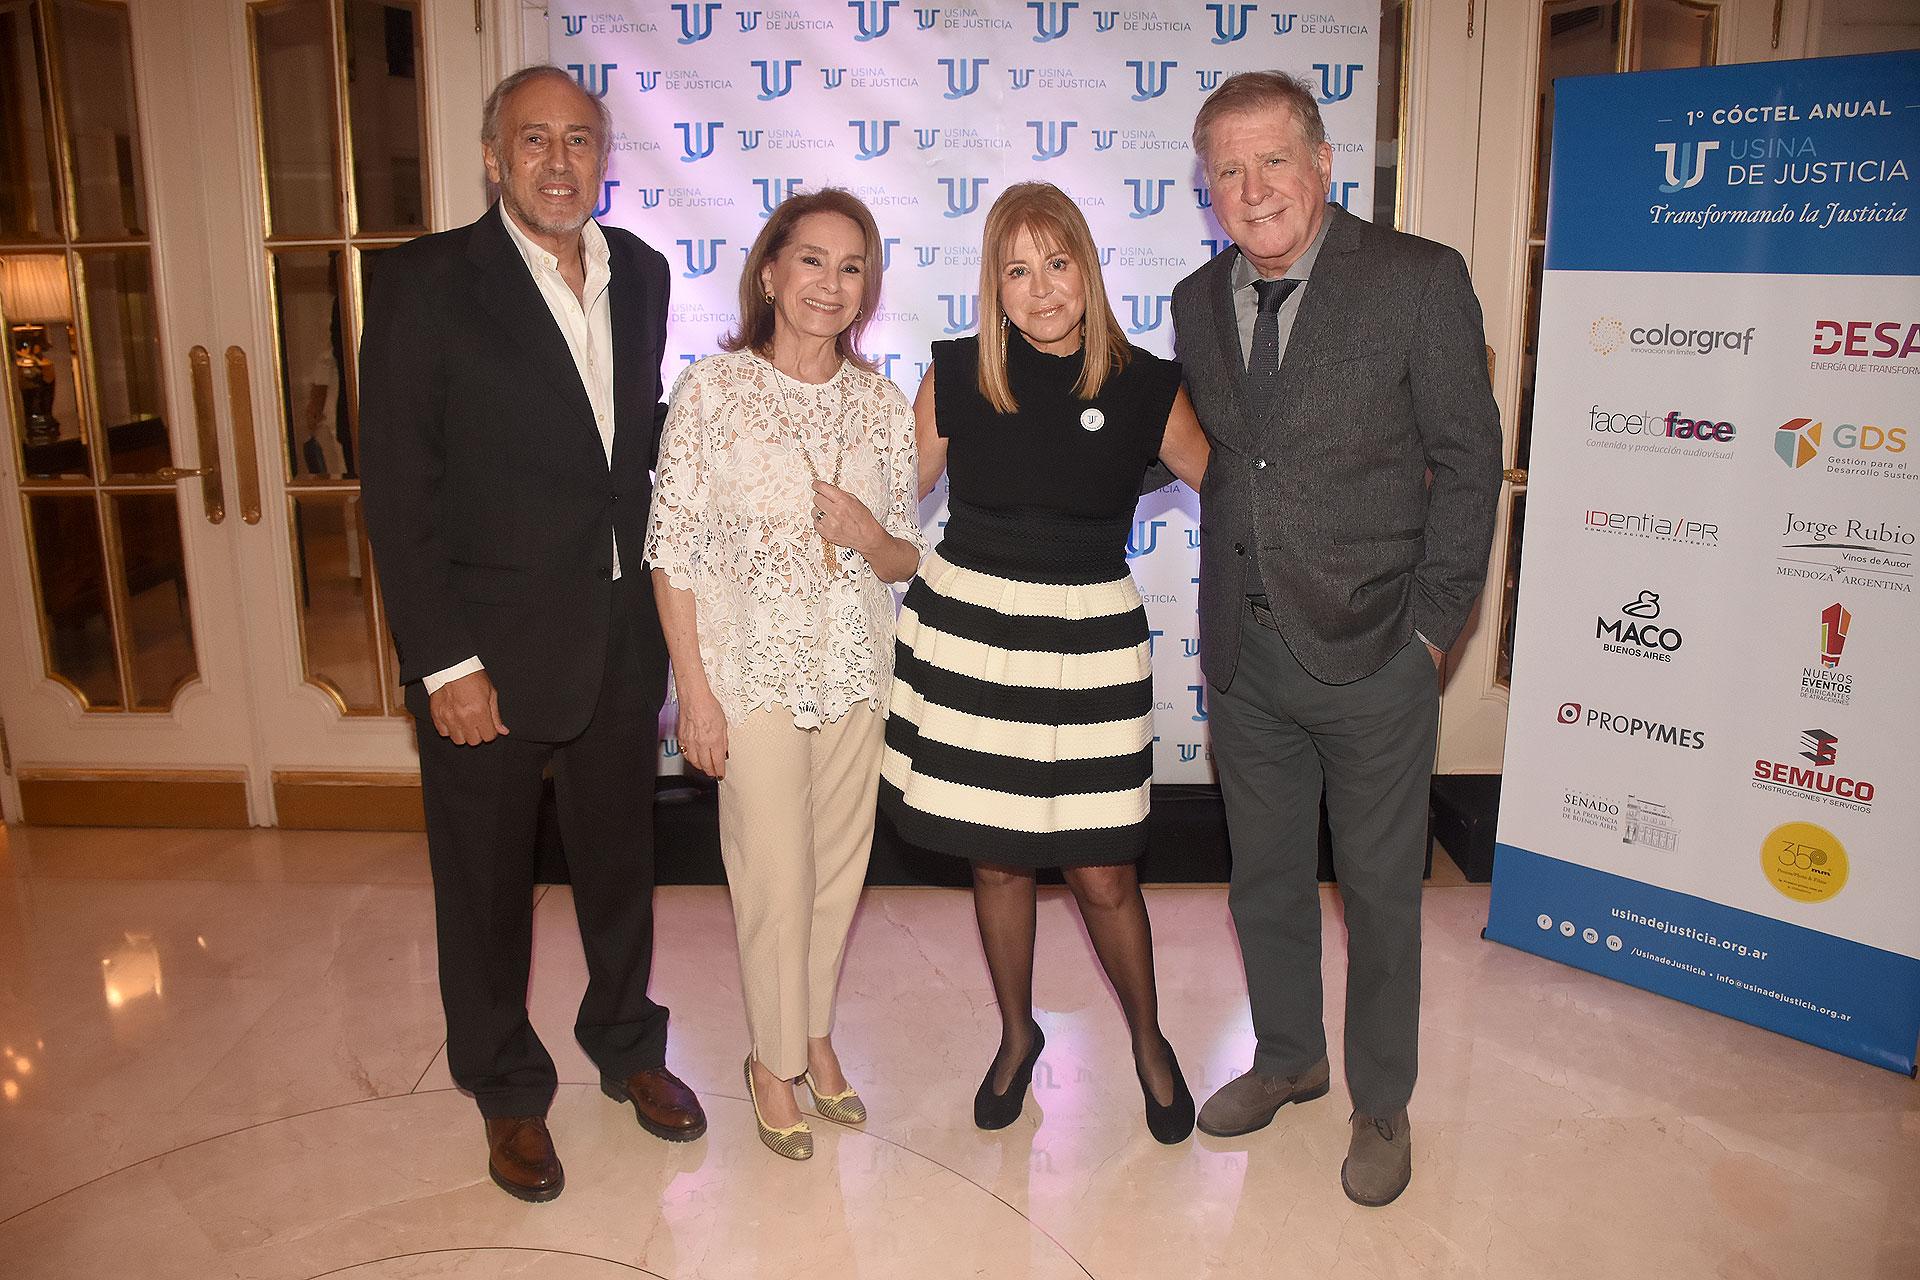 Gustavo Yankelevich, Selva Aleman, Diana Cohen Agrest y Arturo Puig